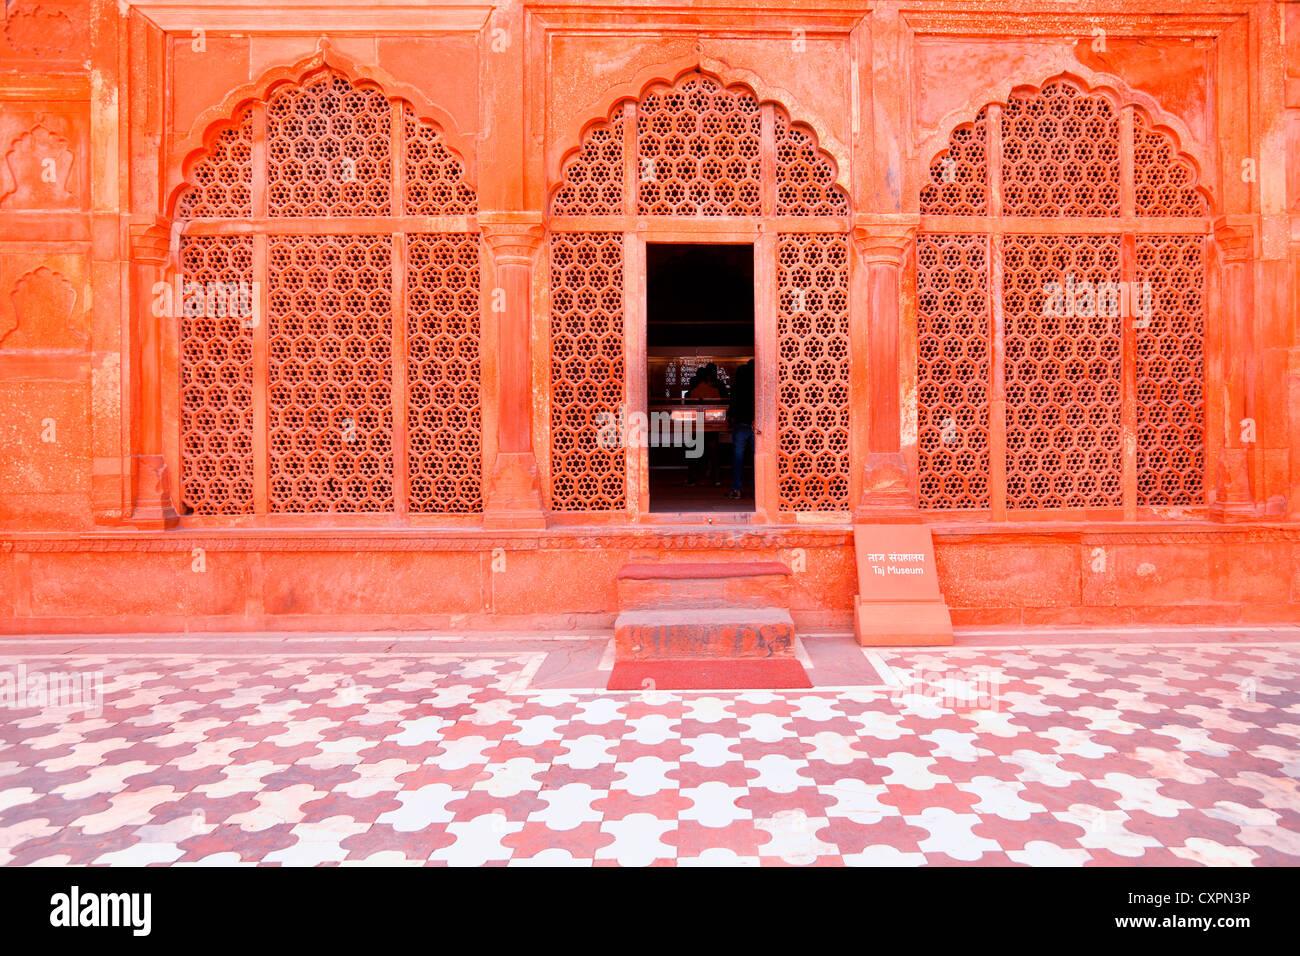 Detalle arquitectónico de la mezquita en el Taj Mahal, en Agra, India Imagen De Stock